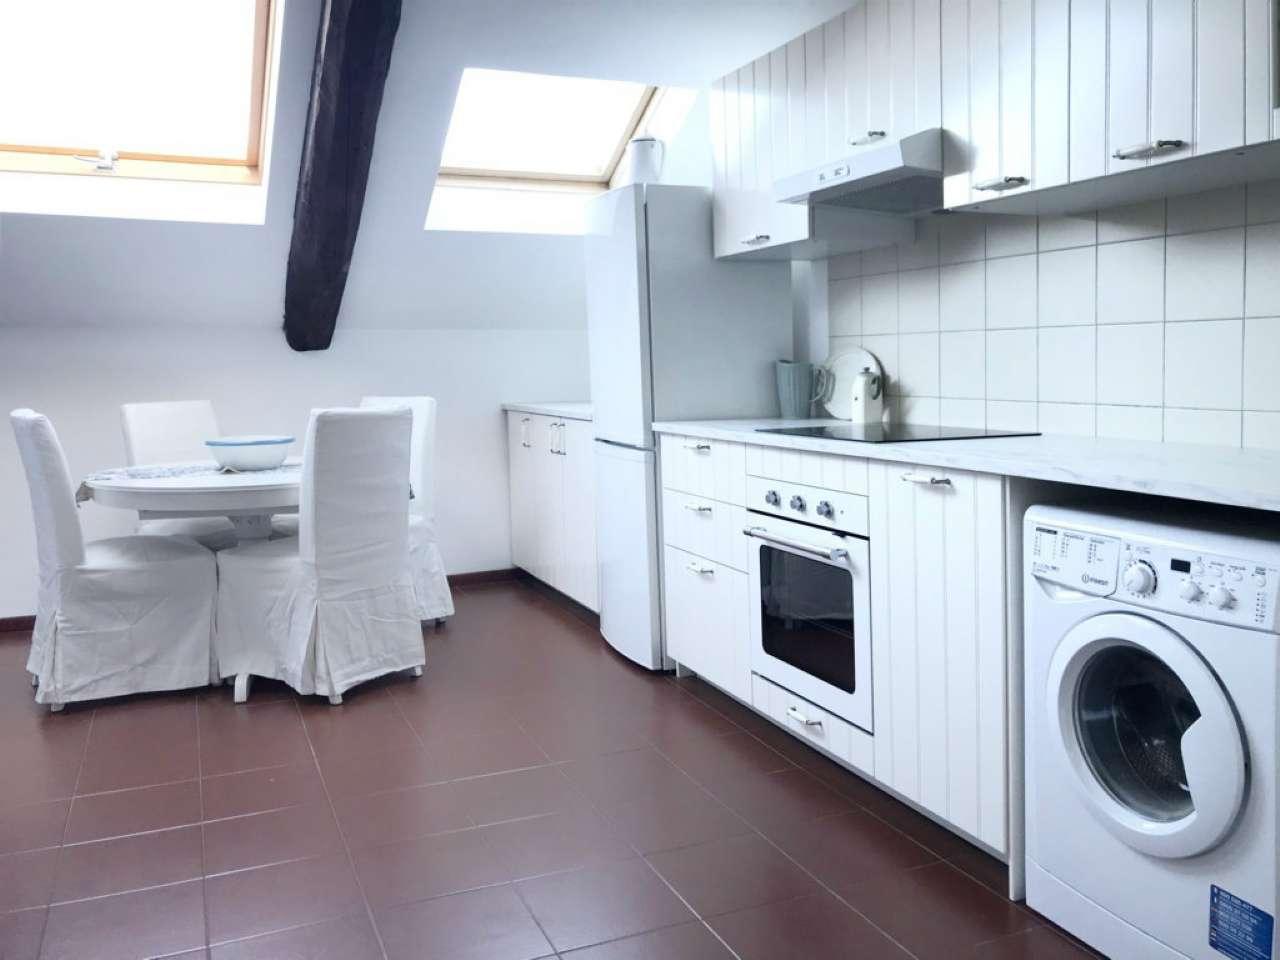 Appartamento in affitto a Torino, 3 locali, zona San Donato, Cit Turin, Campidoglio,, prezzo € 750 | PortaleAgenzieImmobiliari.it